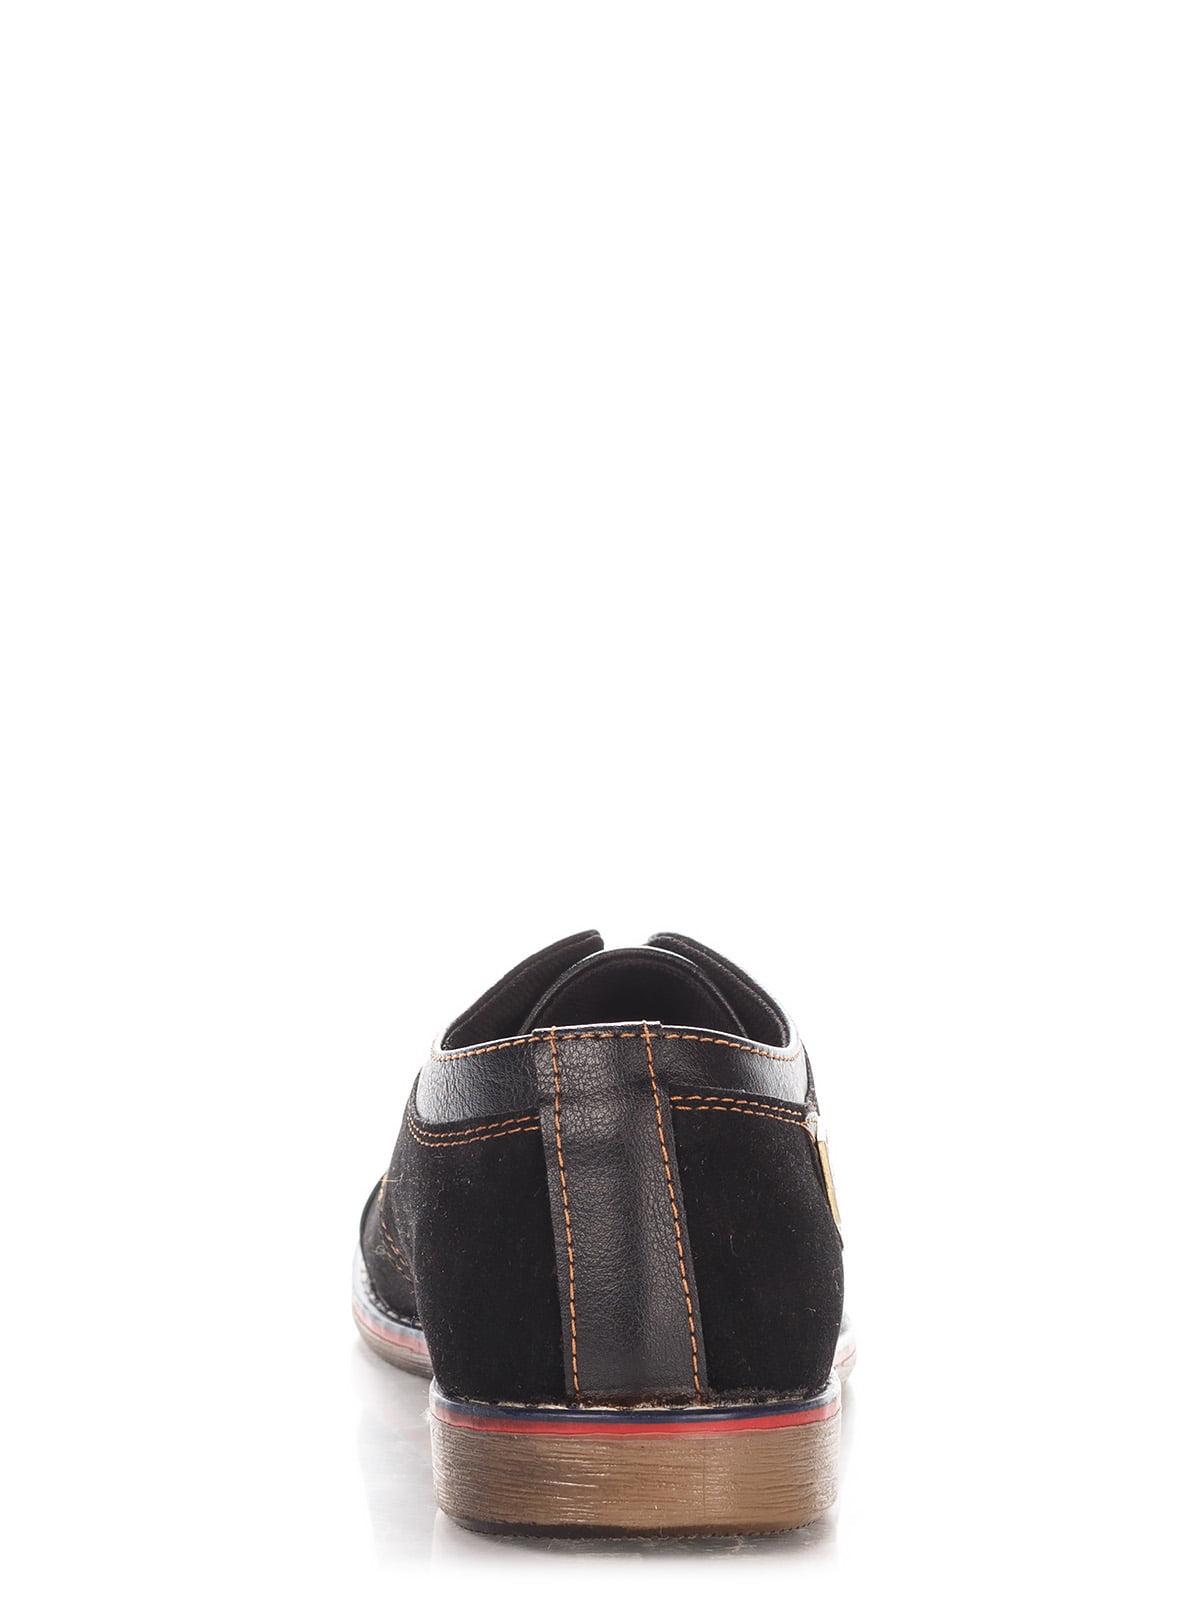 Туфли темно-коричневые   3507081   фото 4